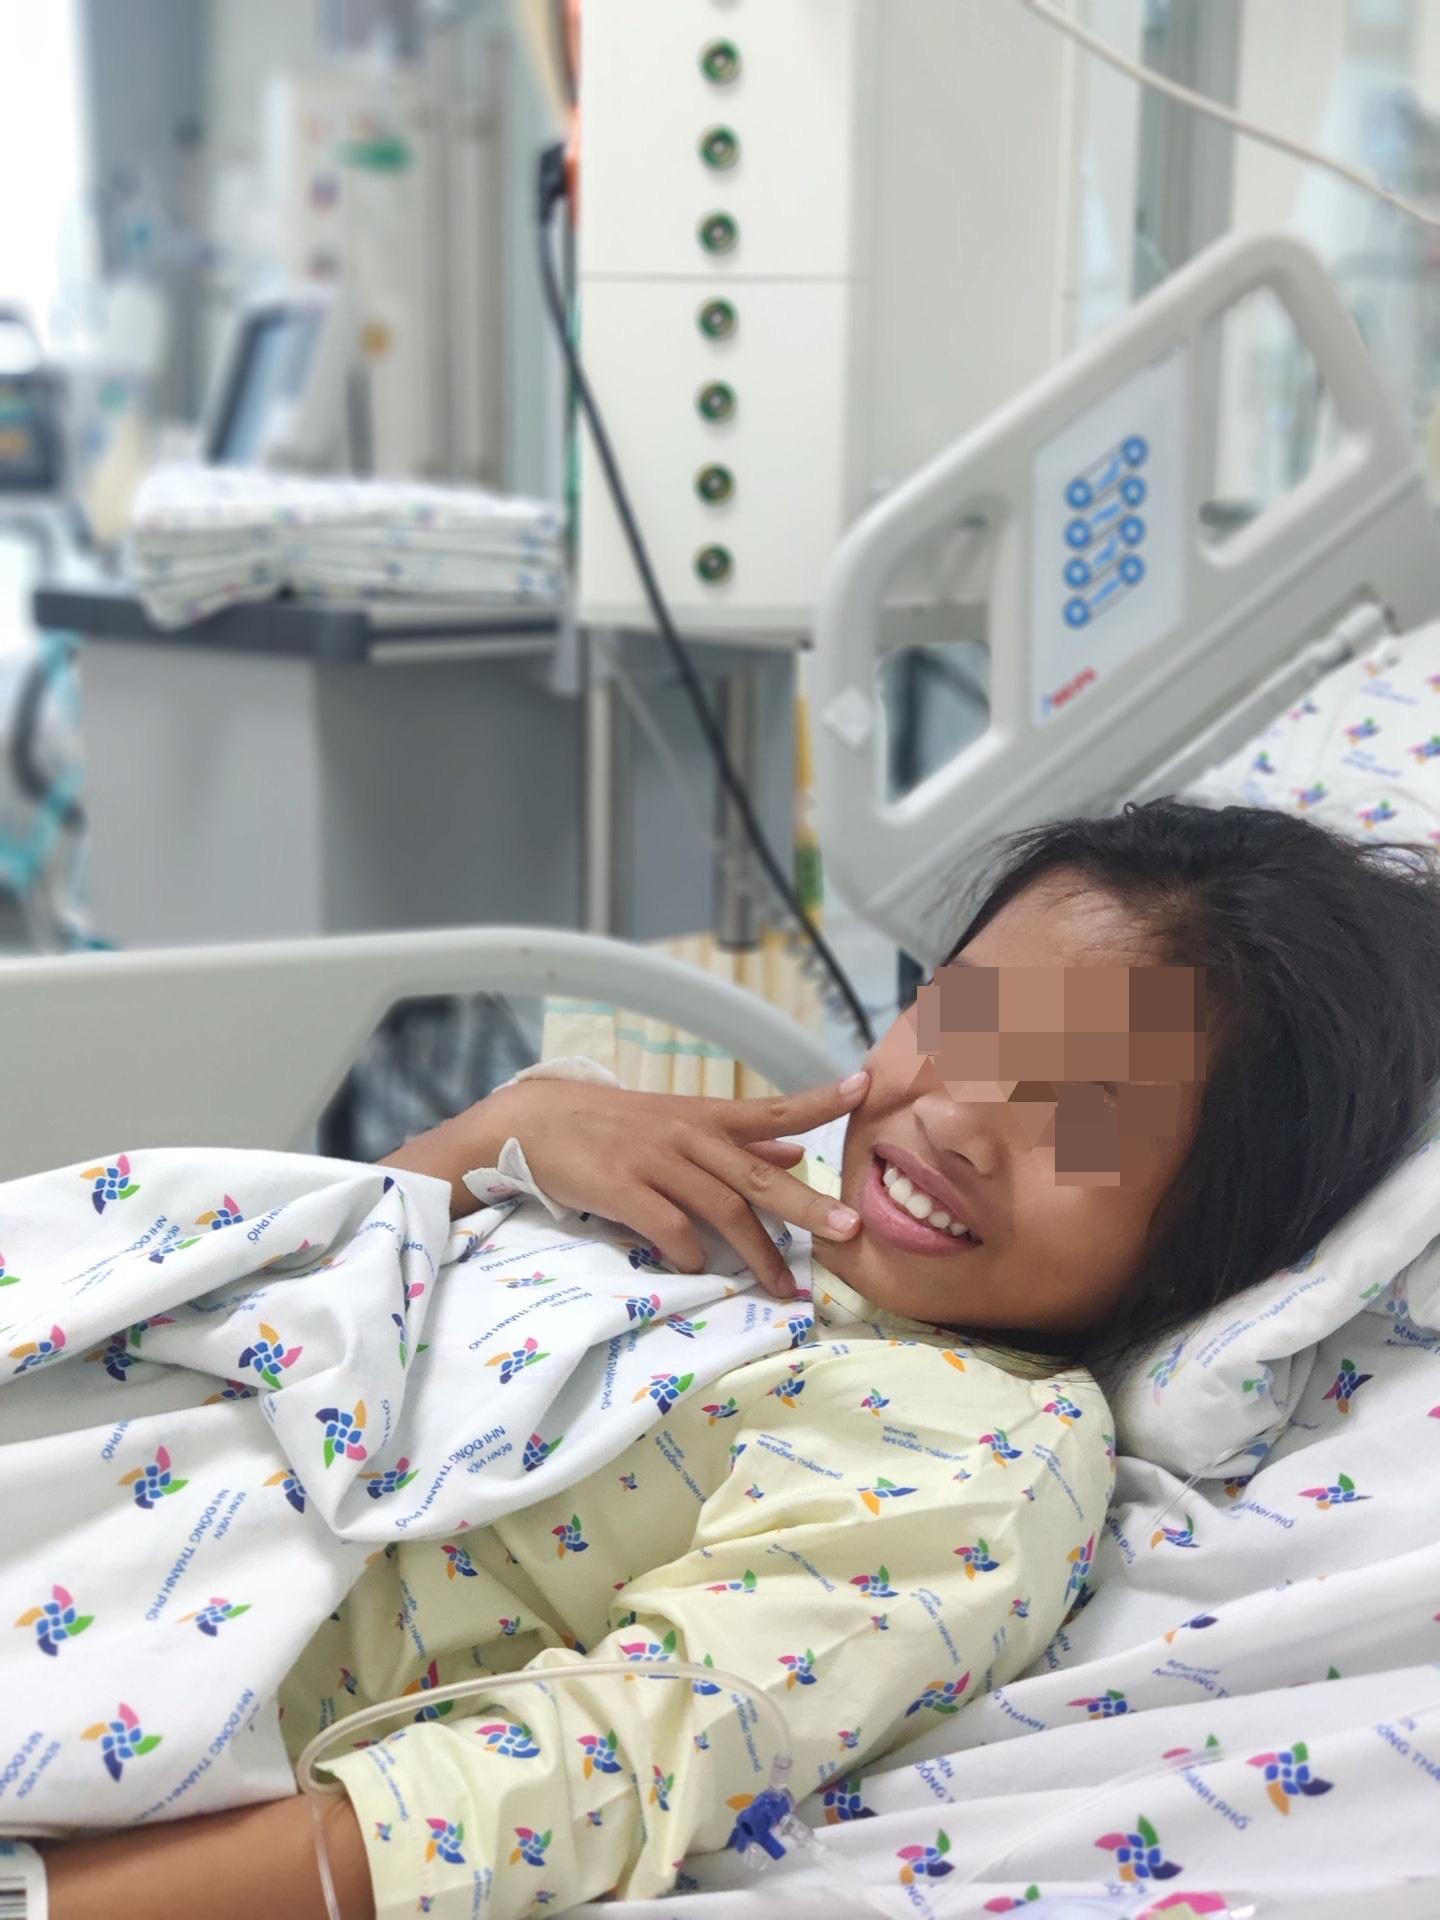 Cứu sống bé gái 11 tuổi uống thuốc ngủ tự tử vì nghĩ cha mẹ hết thương mình